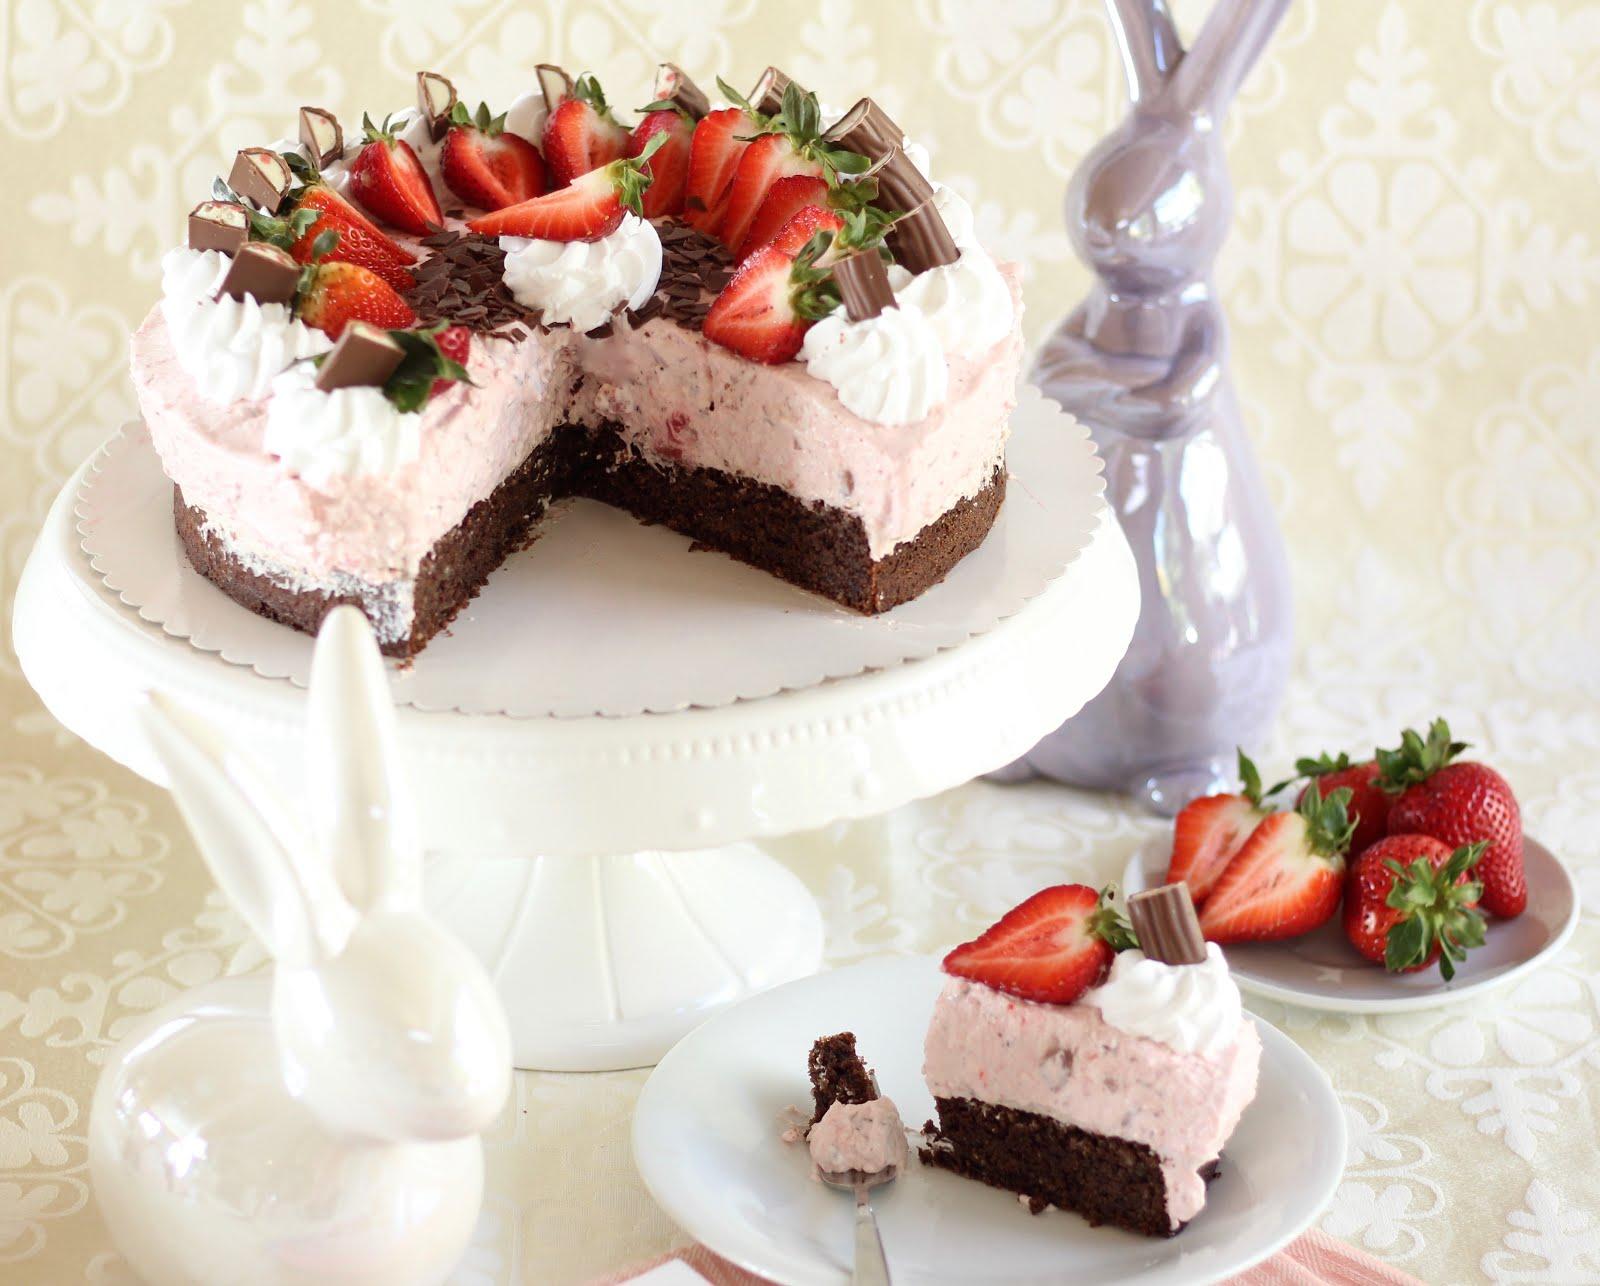 Zarte Erdbeer-Yogurette-Torte / Ostertorte ohne Mehl mit Mandel-Nuss-Boden | Rezept und Video von Sugarprincess